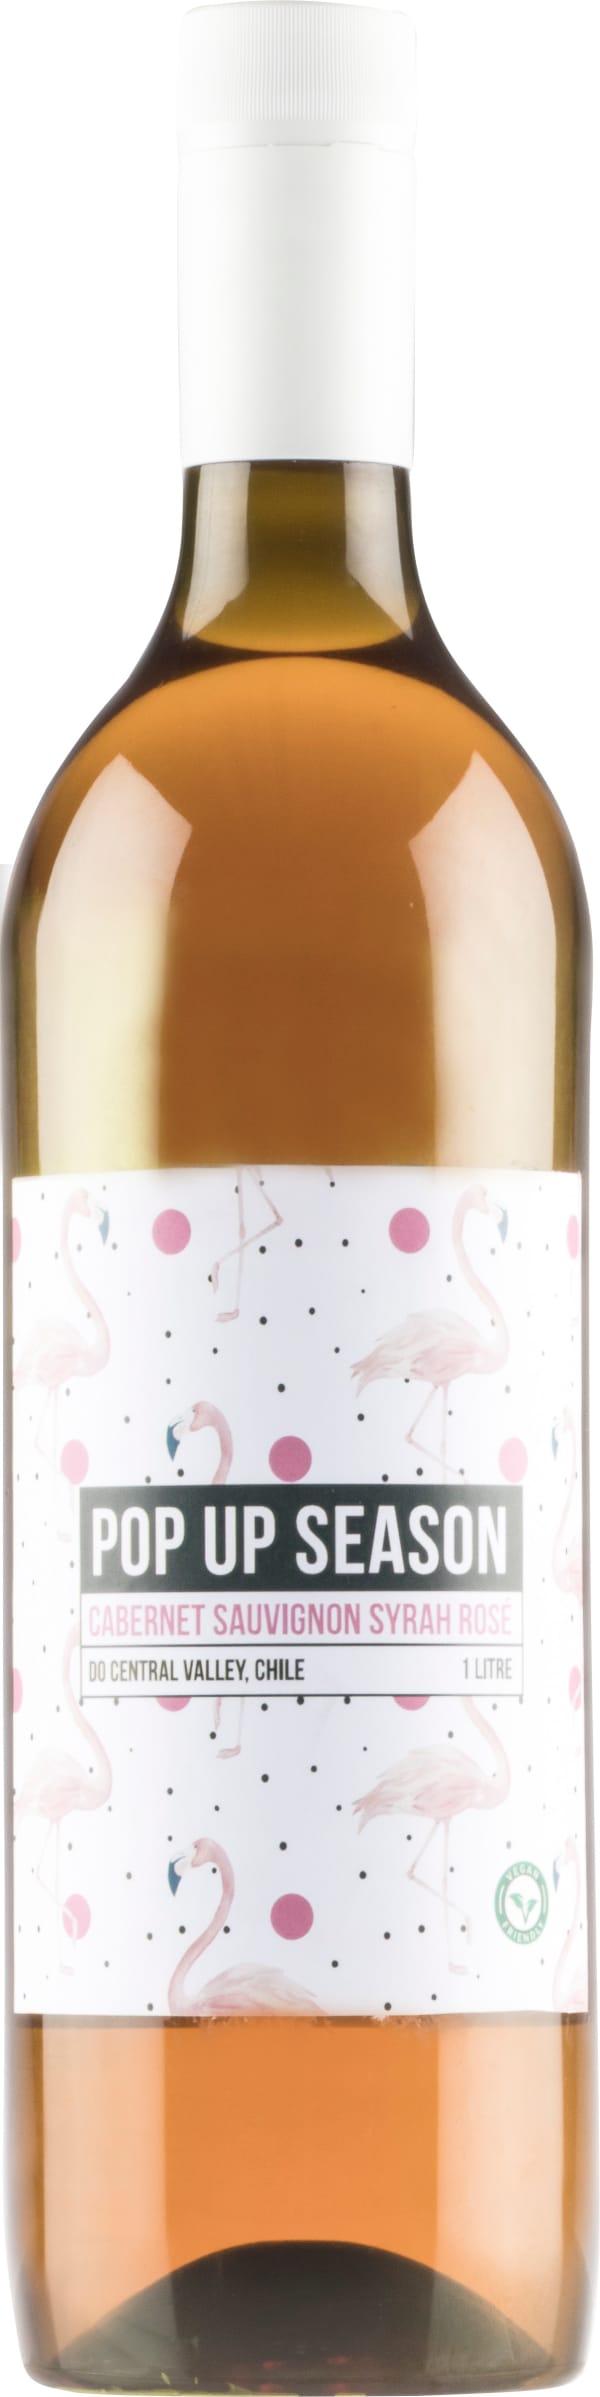 Pop Up Season Cabernet Sauvignon Syrah Rosé  2020 plastic bottle